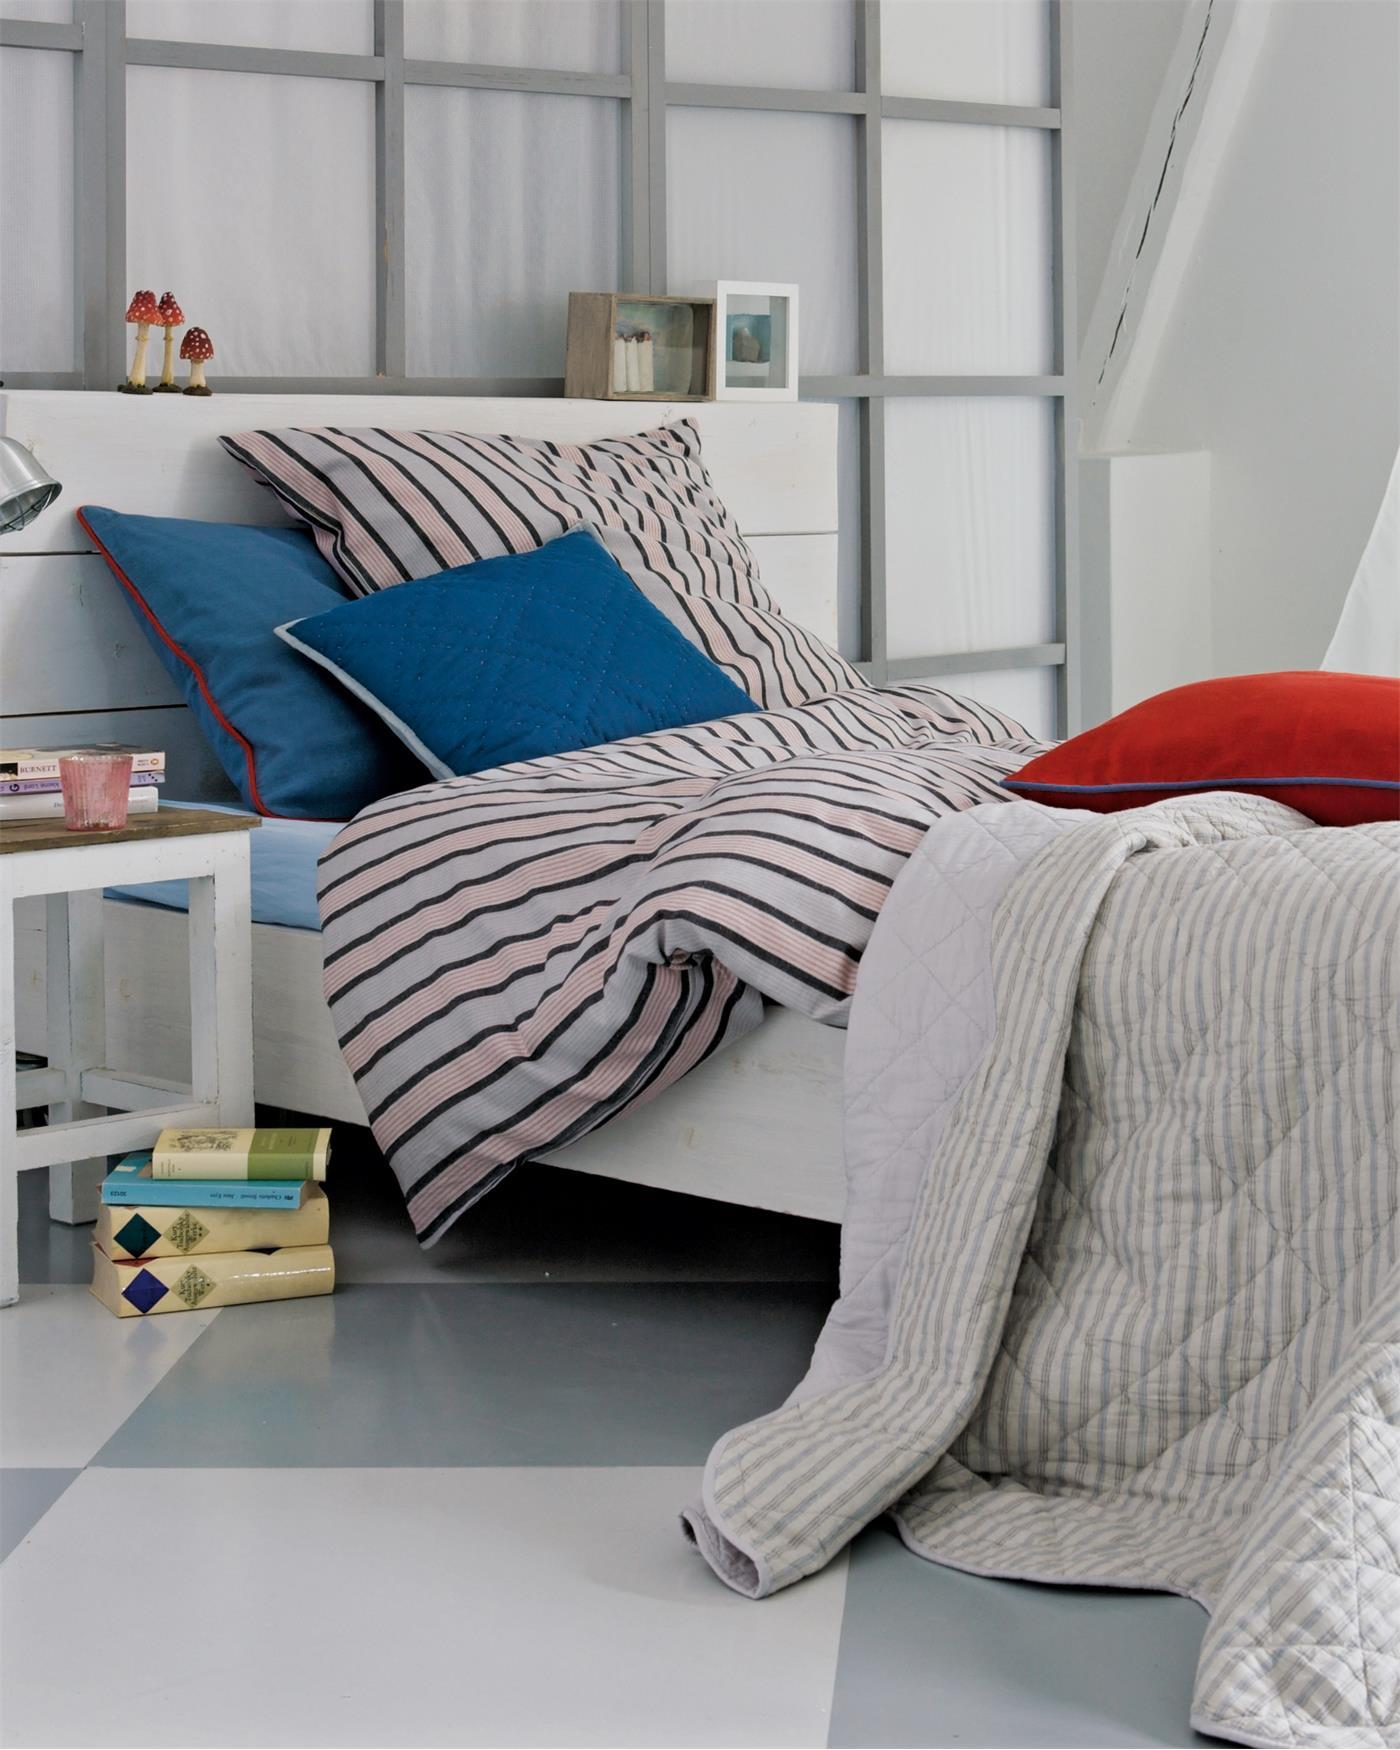 bettw sche streifen jetzt bestellen auf. Black Bedroom Furniture Sets. Home Design Ideas